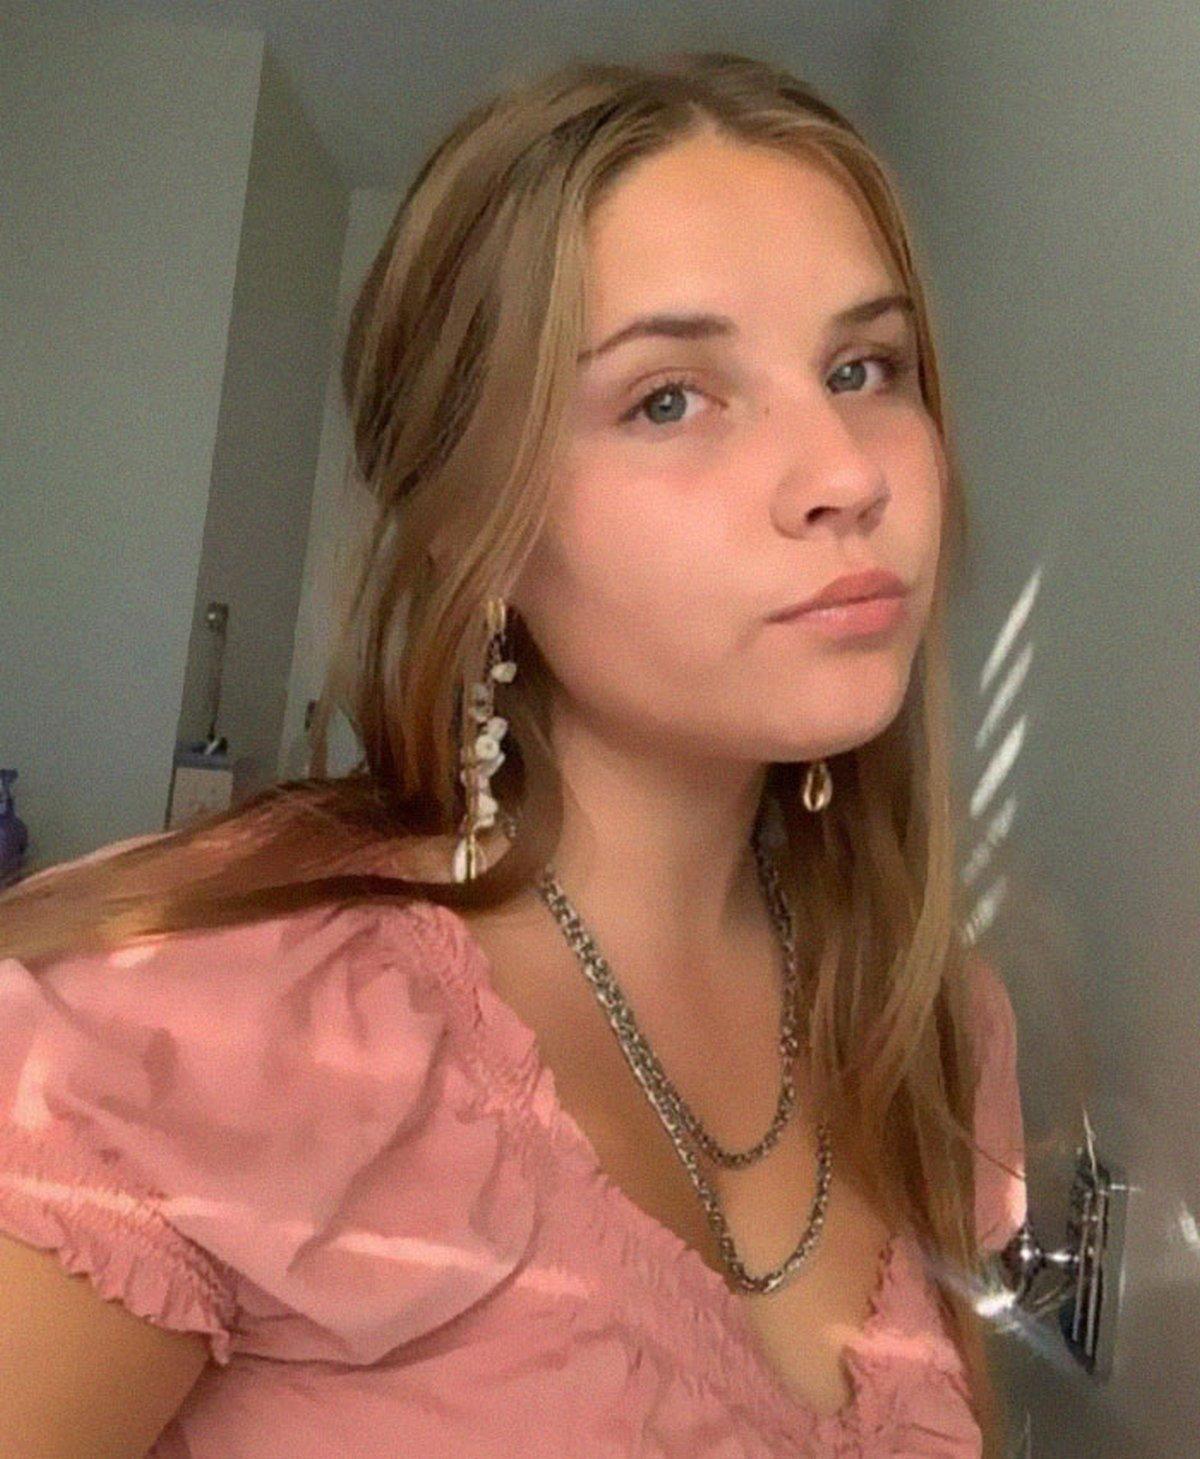 Une adolescente seule dans sa chambre d'hôtel déjoue un intrus grâce à un conseil reçu de son père policier